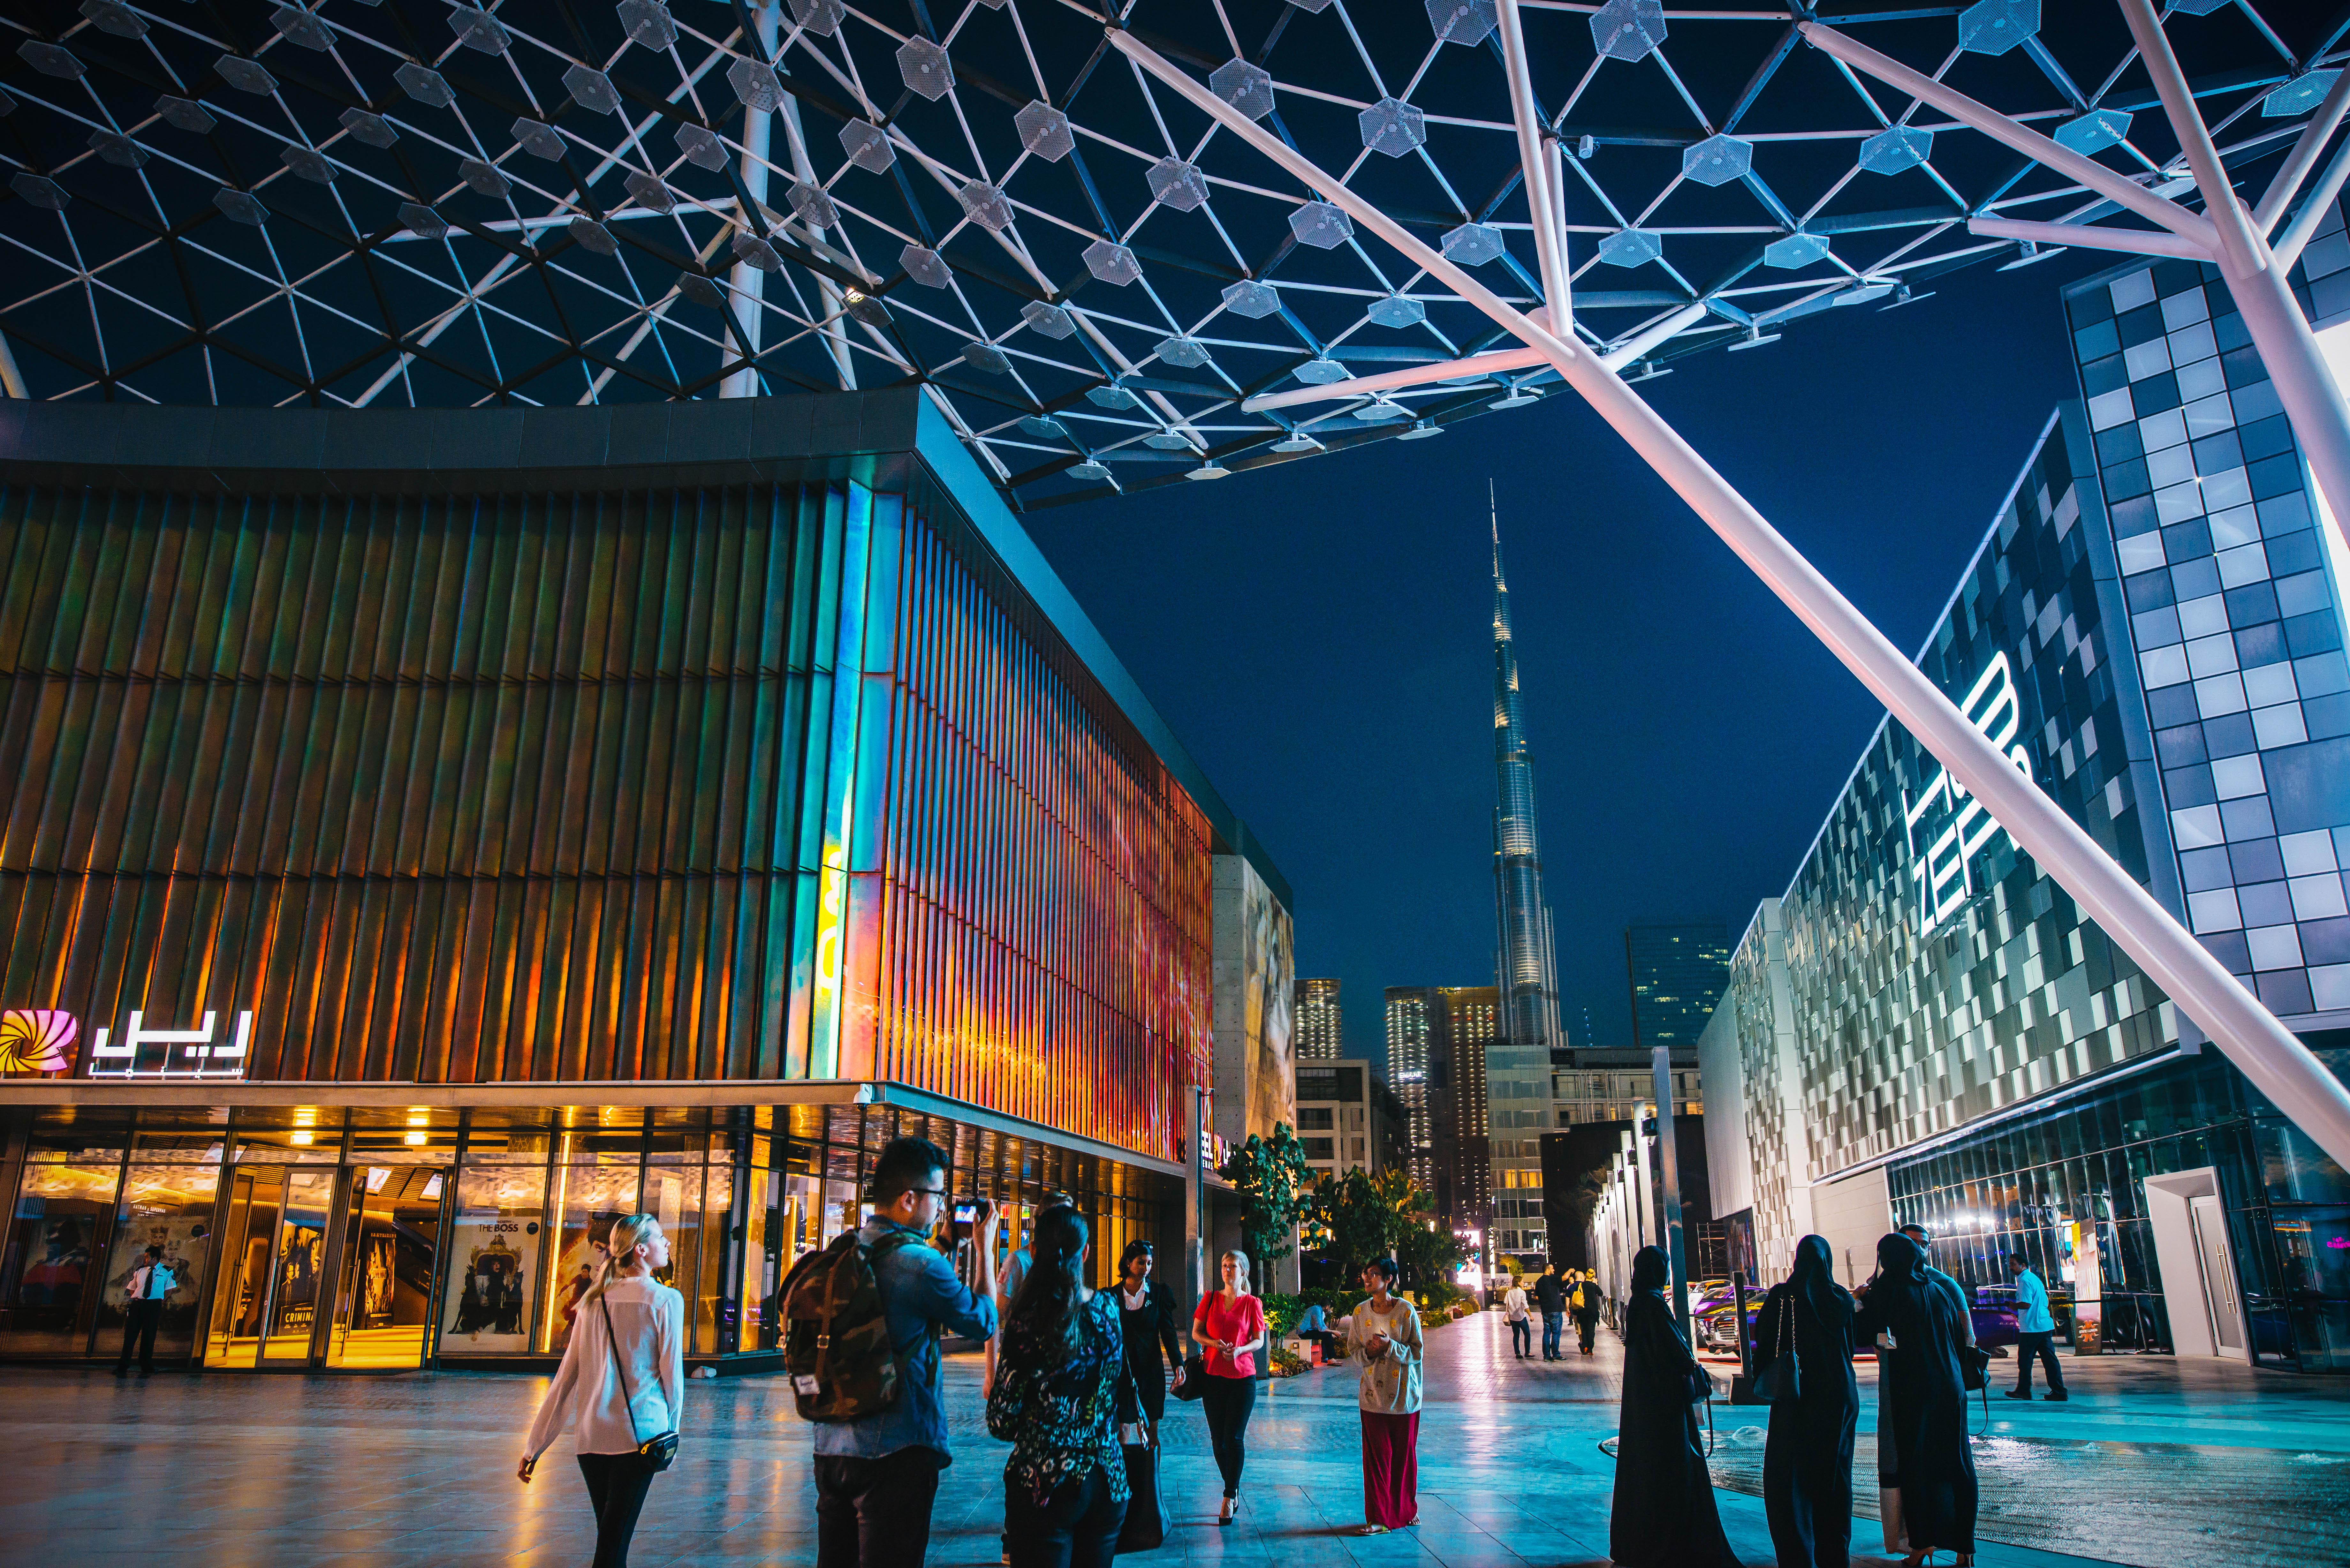 Tour To London From Dubai